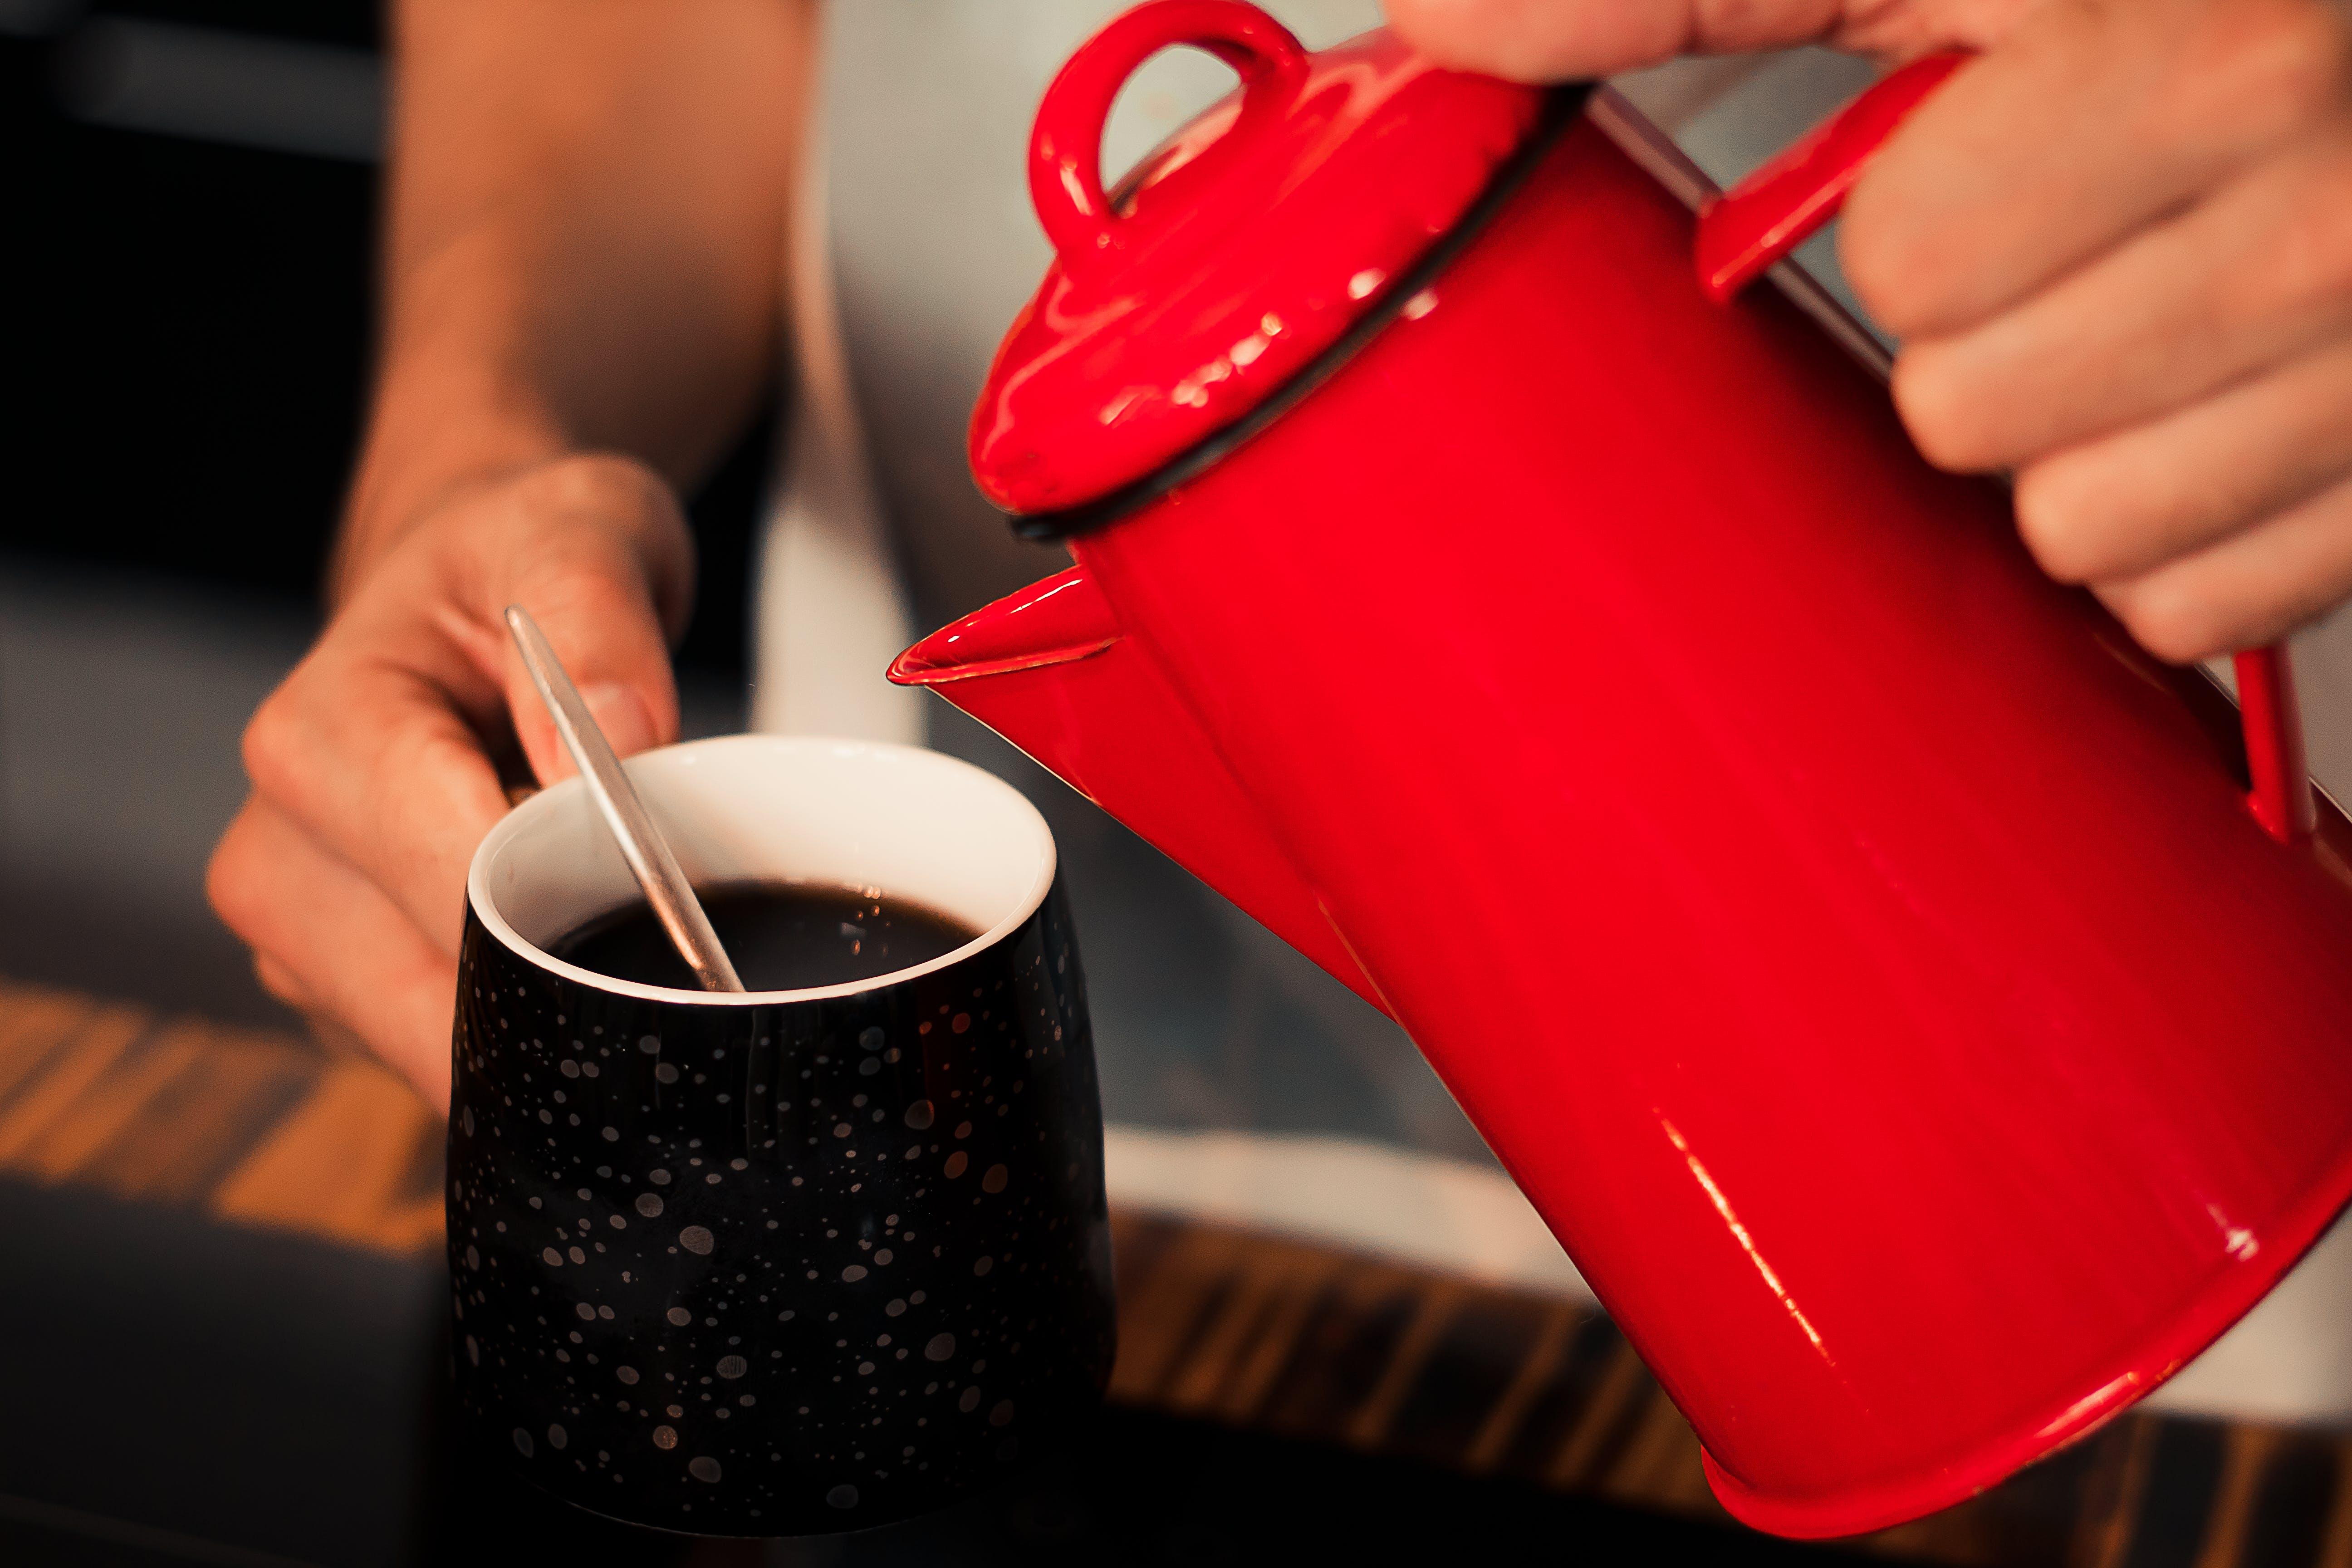 머그, 손, 술을 마시다, 카페인의 무료 스톡 사진